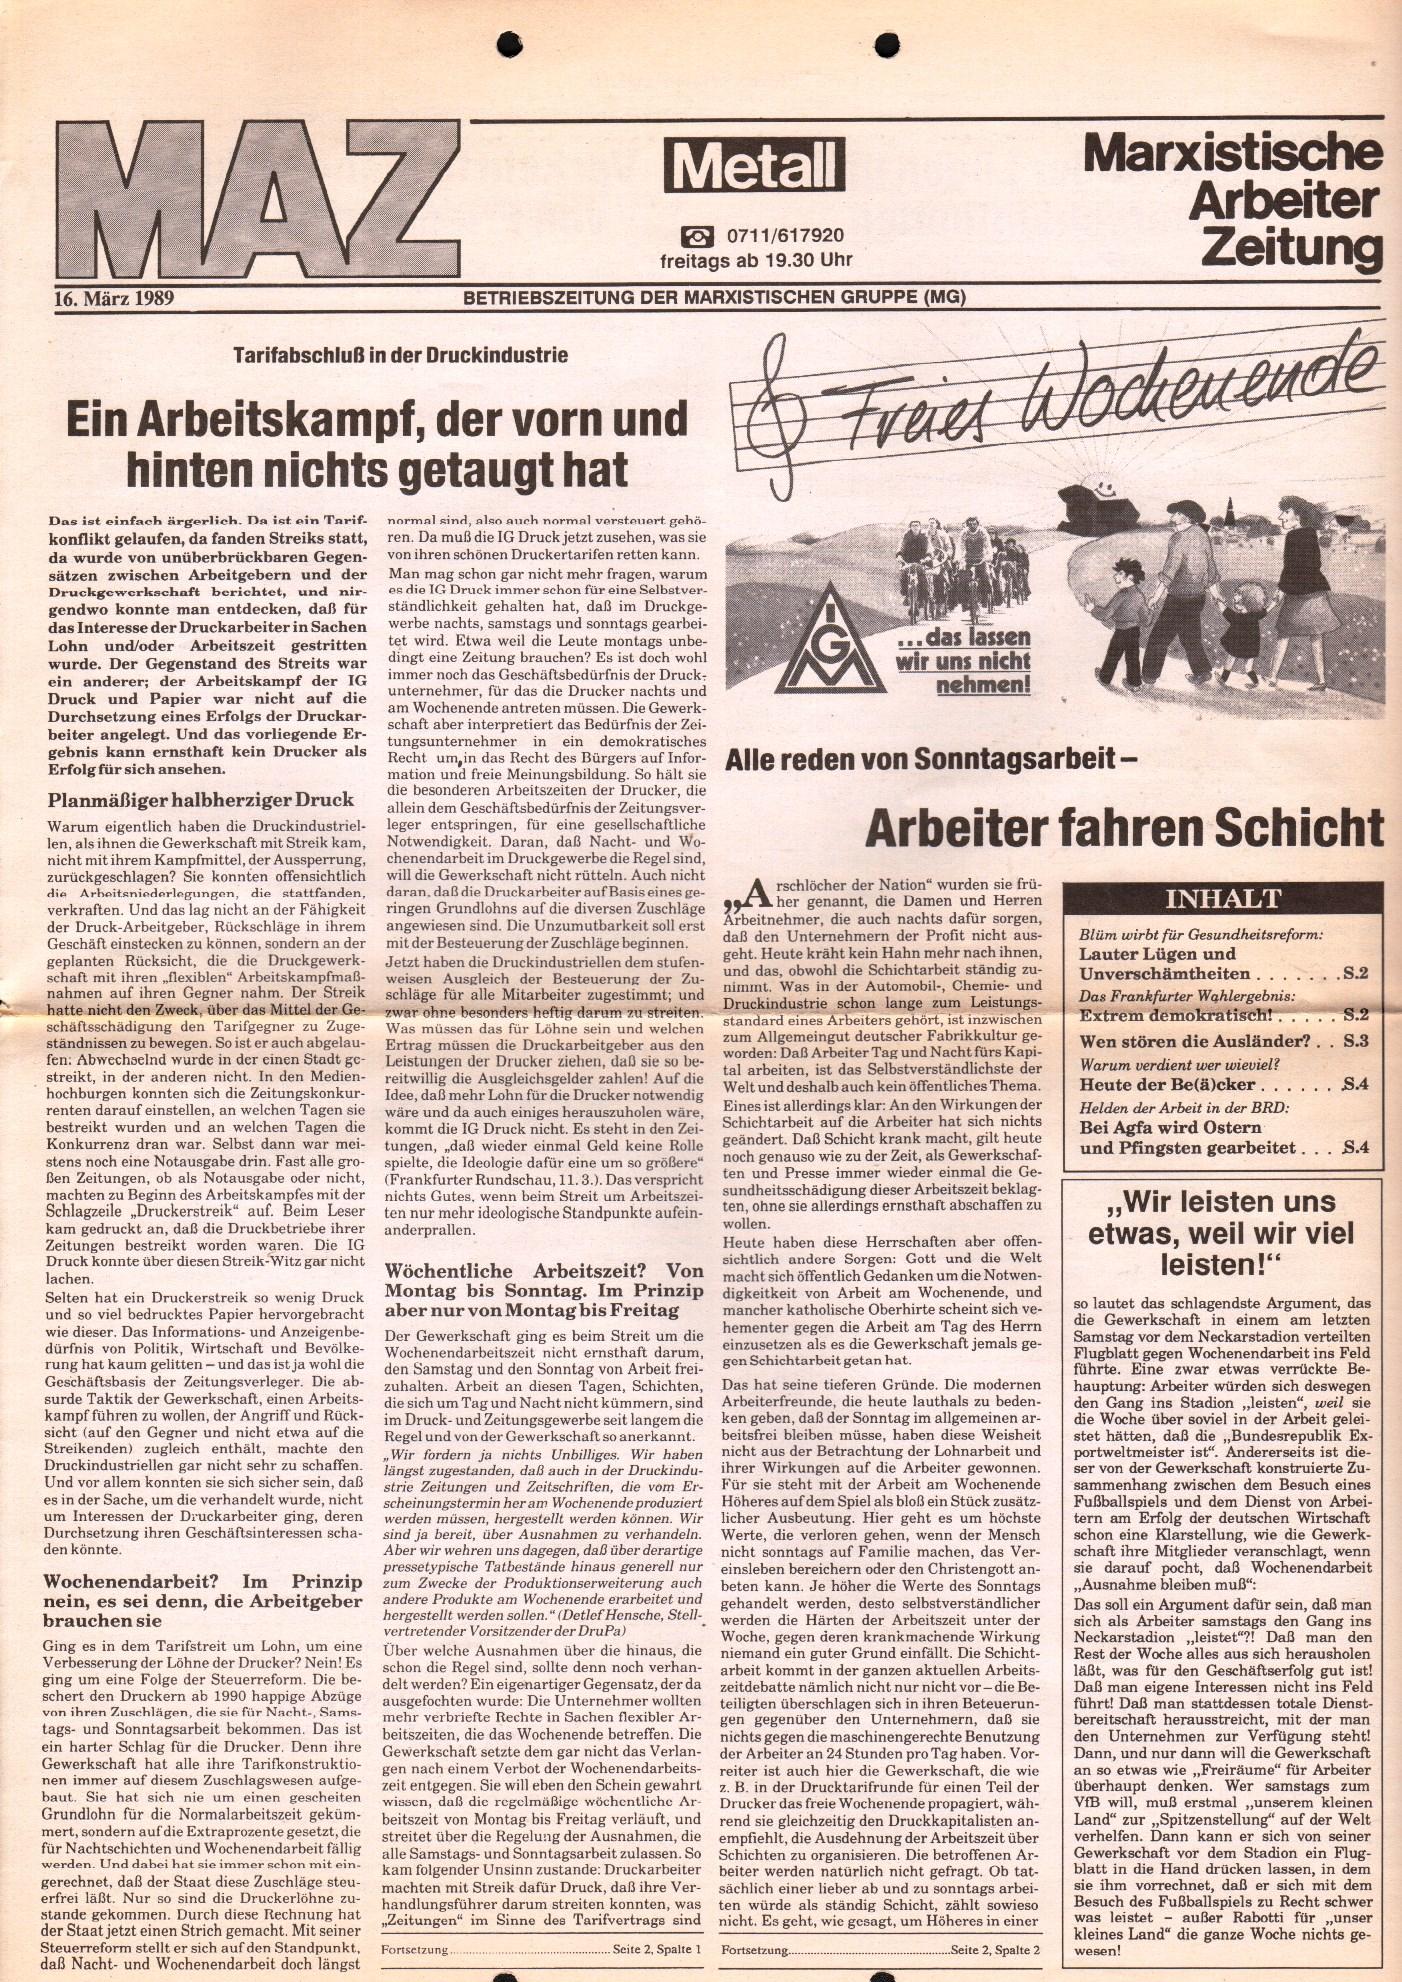 BW_MG_Marxistische_Arbeiterzeitung_19890316_01